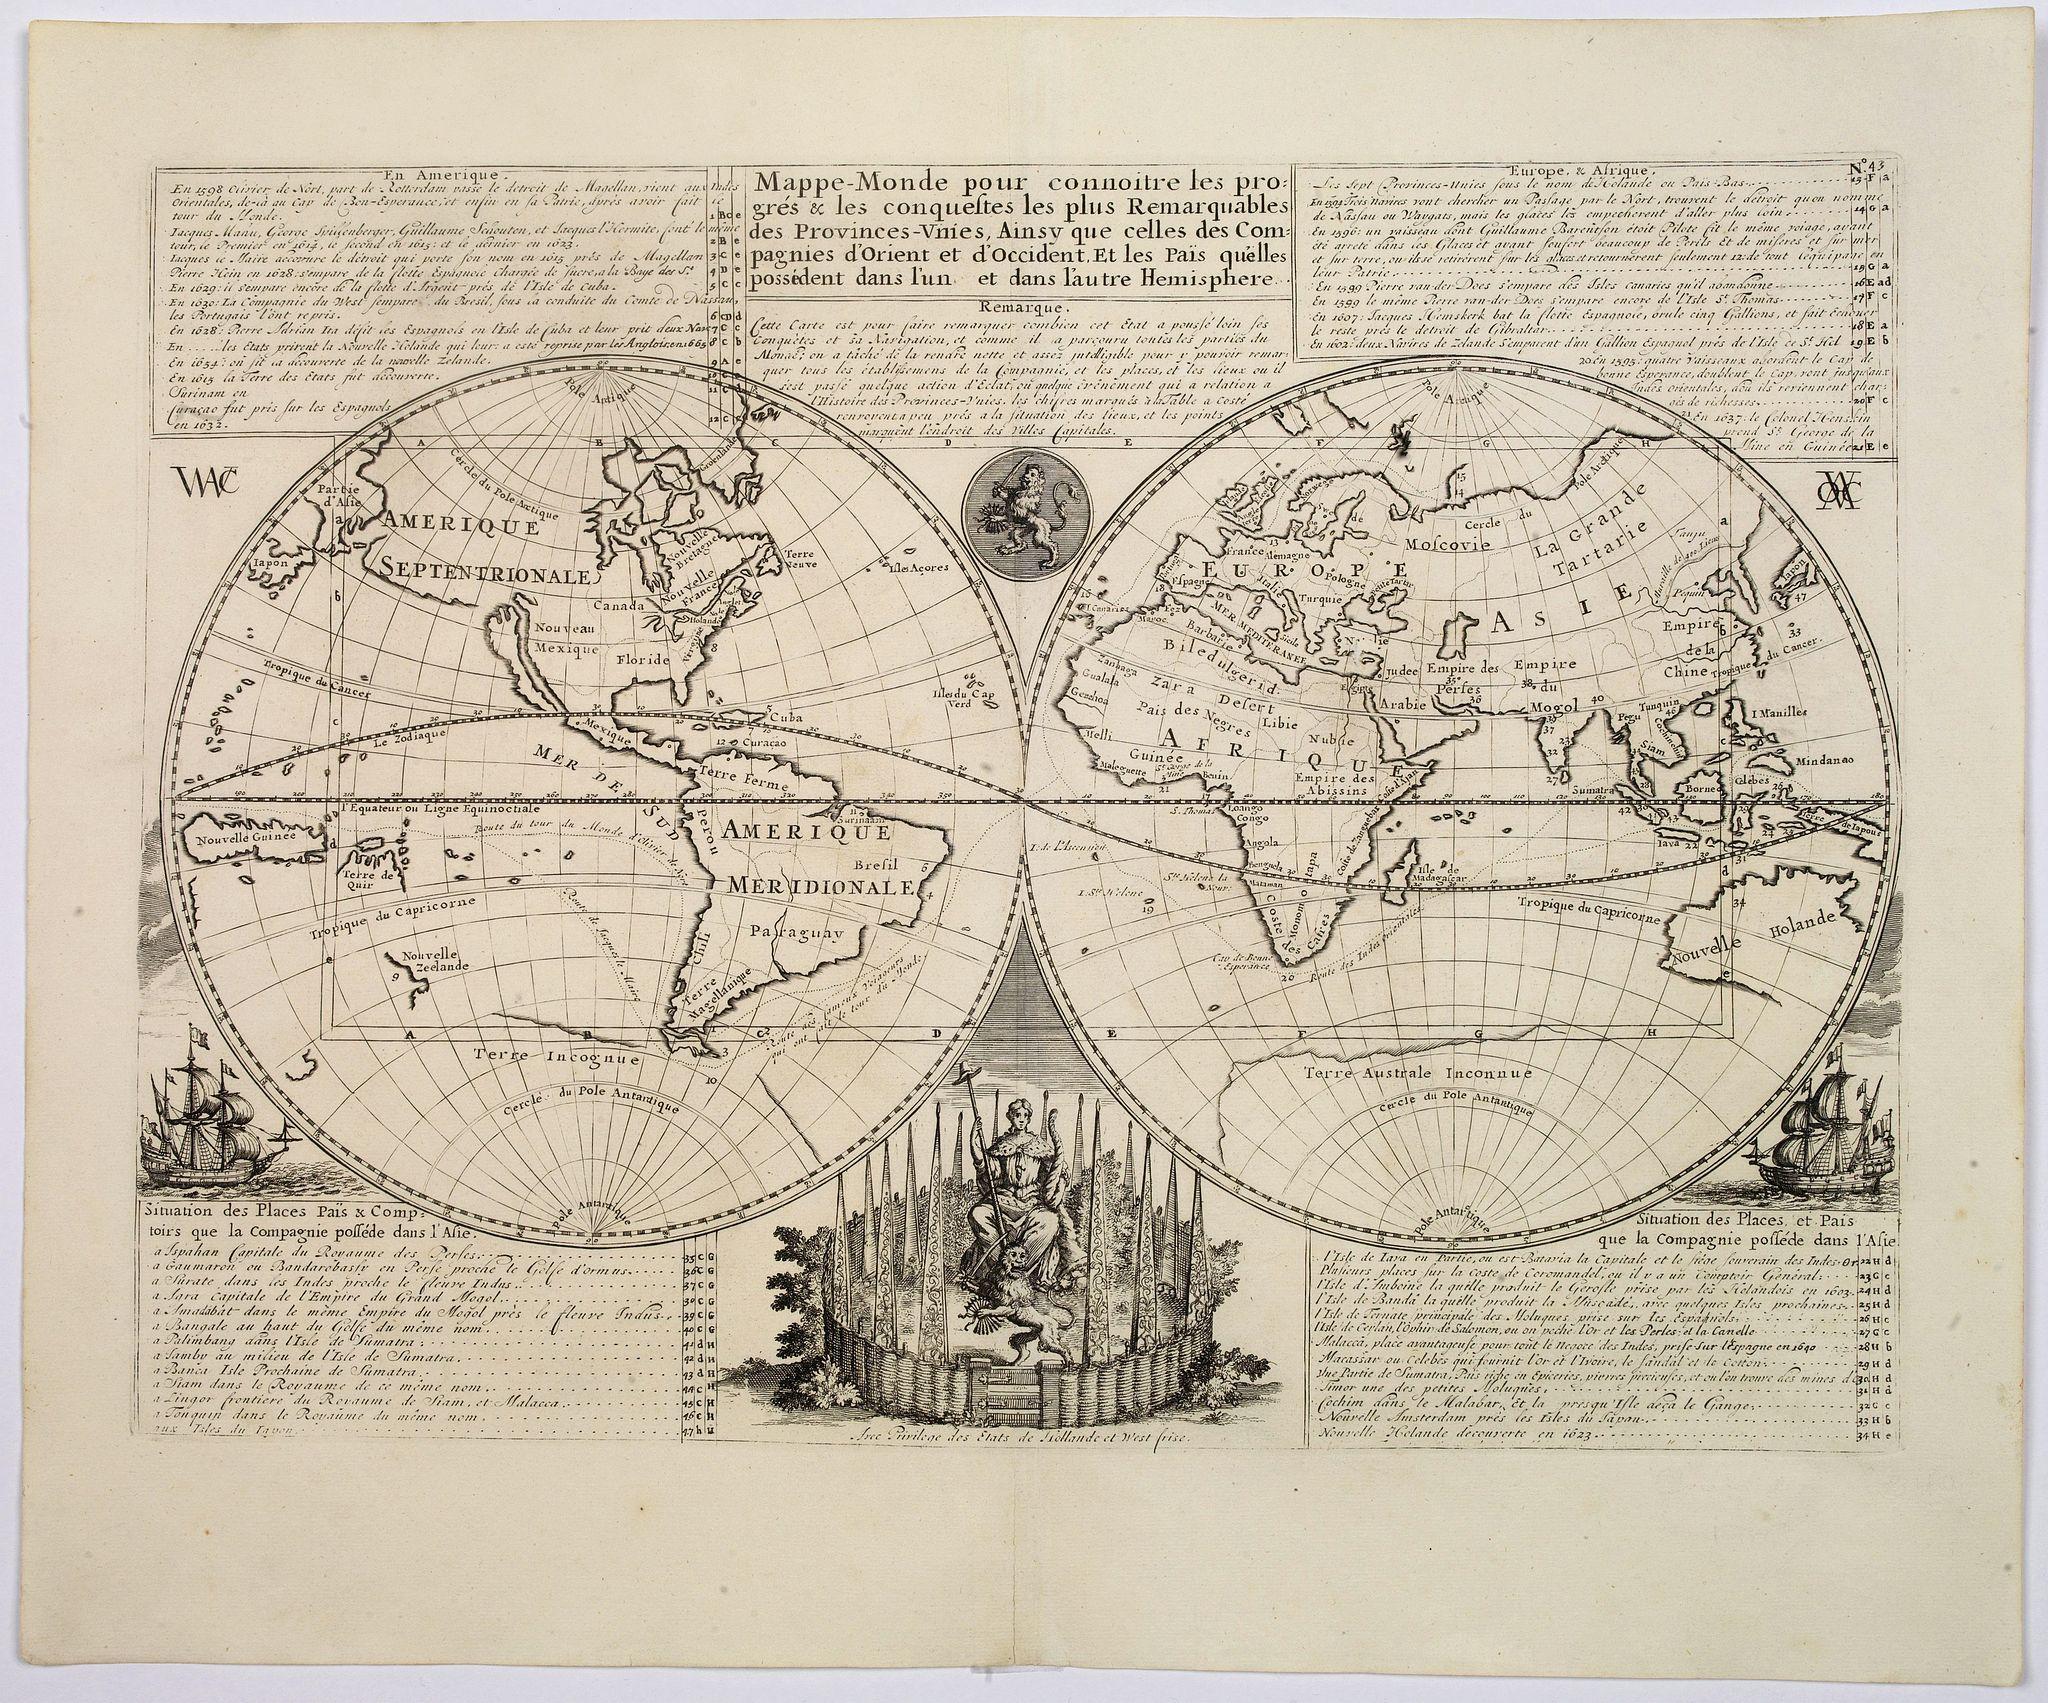 CHATELAIN, H. - Mappe-Monde pour connoitre les progres & les conquestes…